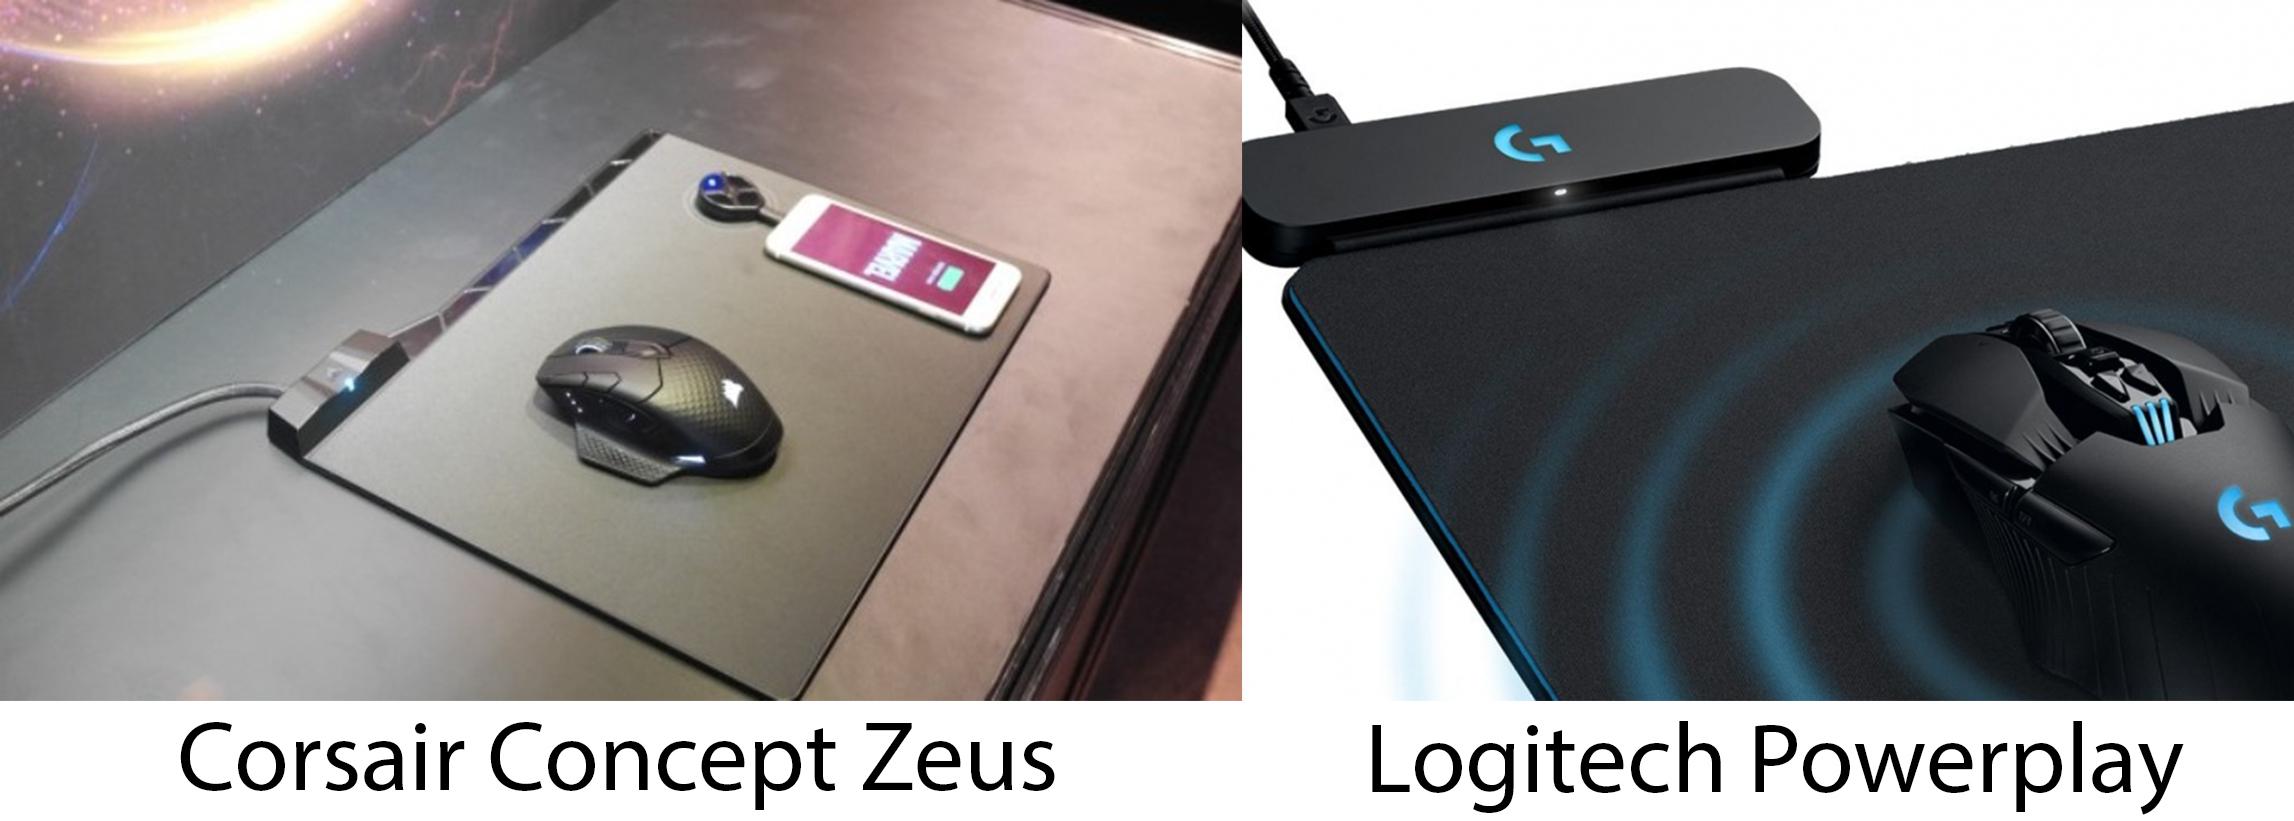 Razer смогла порадовать своих фанатов двумя новинками на выставке CES 2018